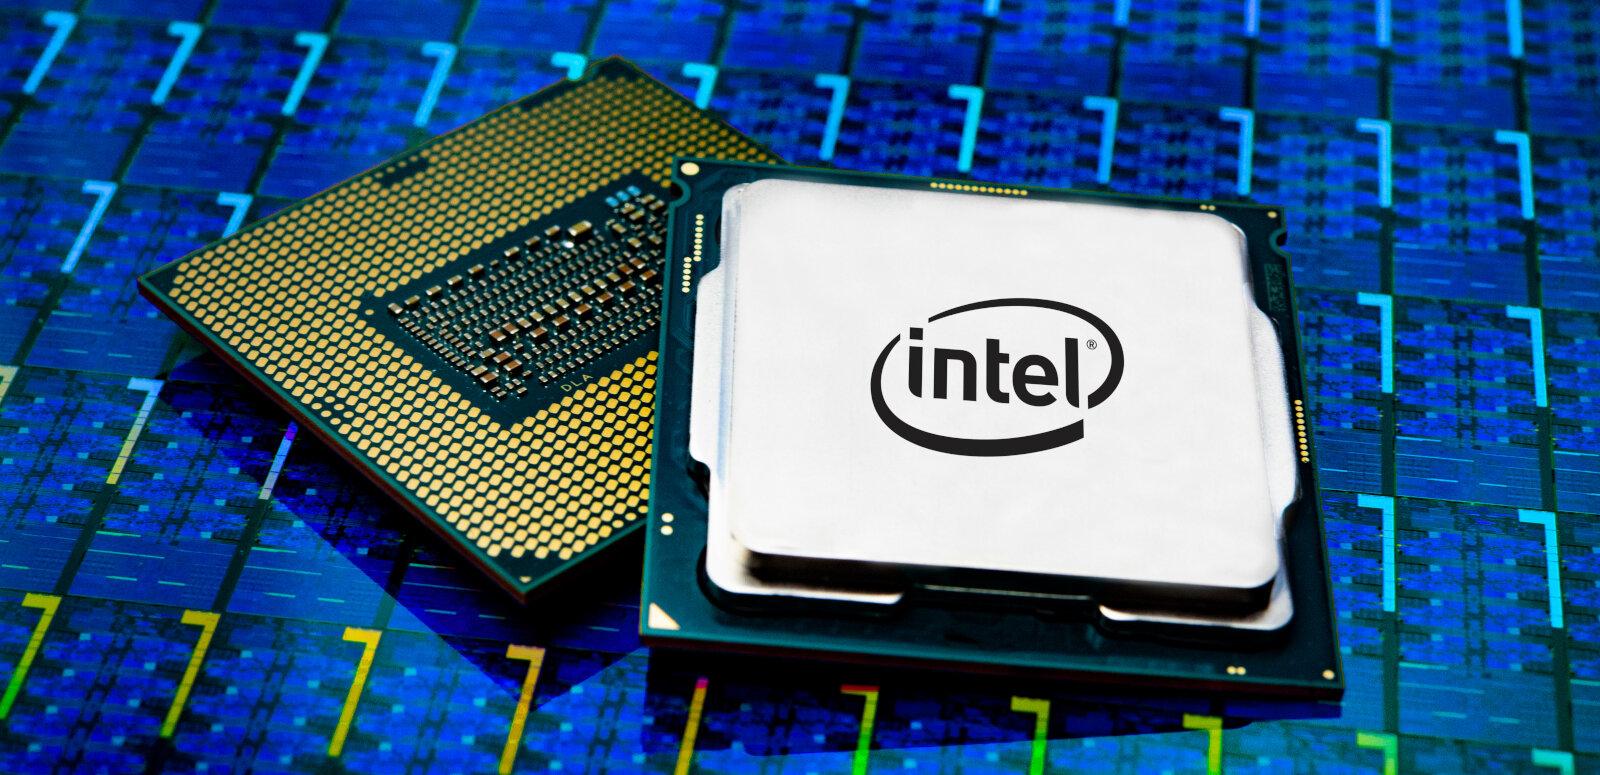 Le Core i5-9400F sans IGP arrive chez les revendeurs, bientôt l'i9-9900KFC ?